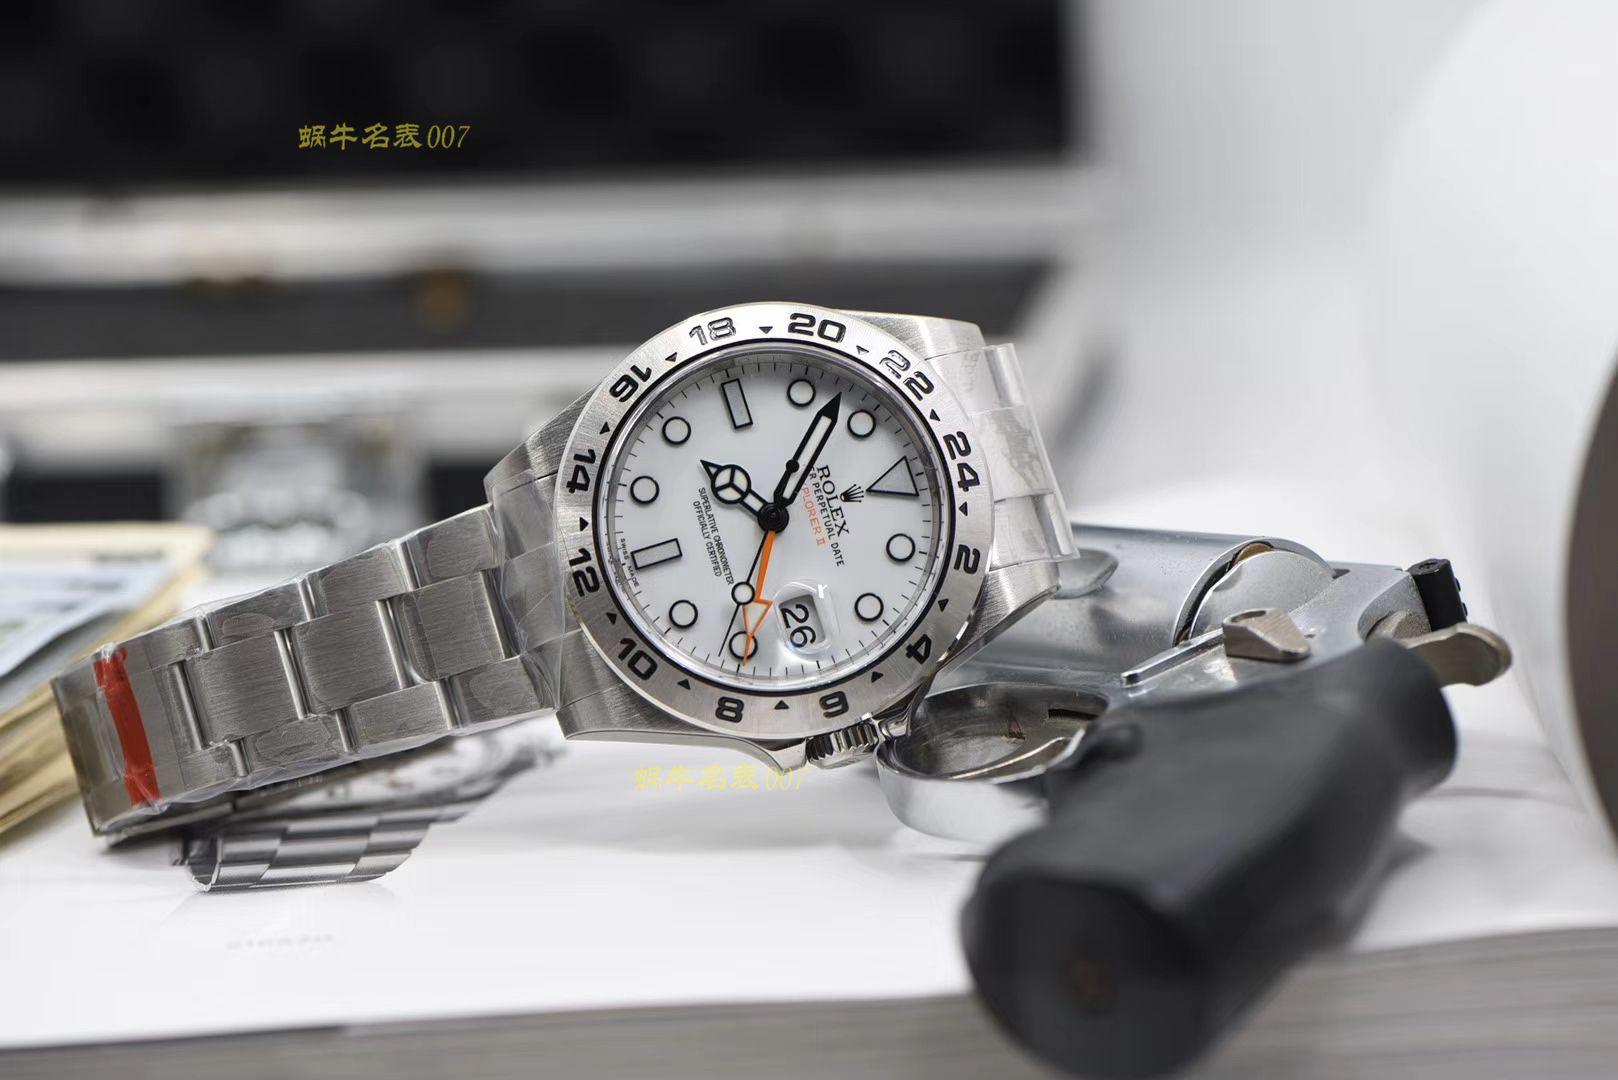 劳力士探险家型系列m216570-0001 白盘腕表一比一超A高仿【N厂探险家二代超级3187自动机械机芯】